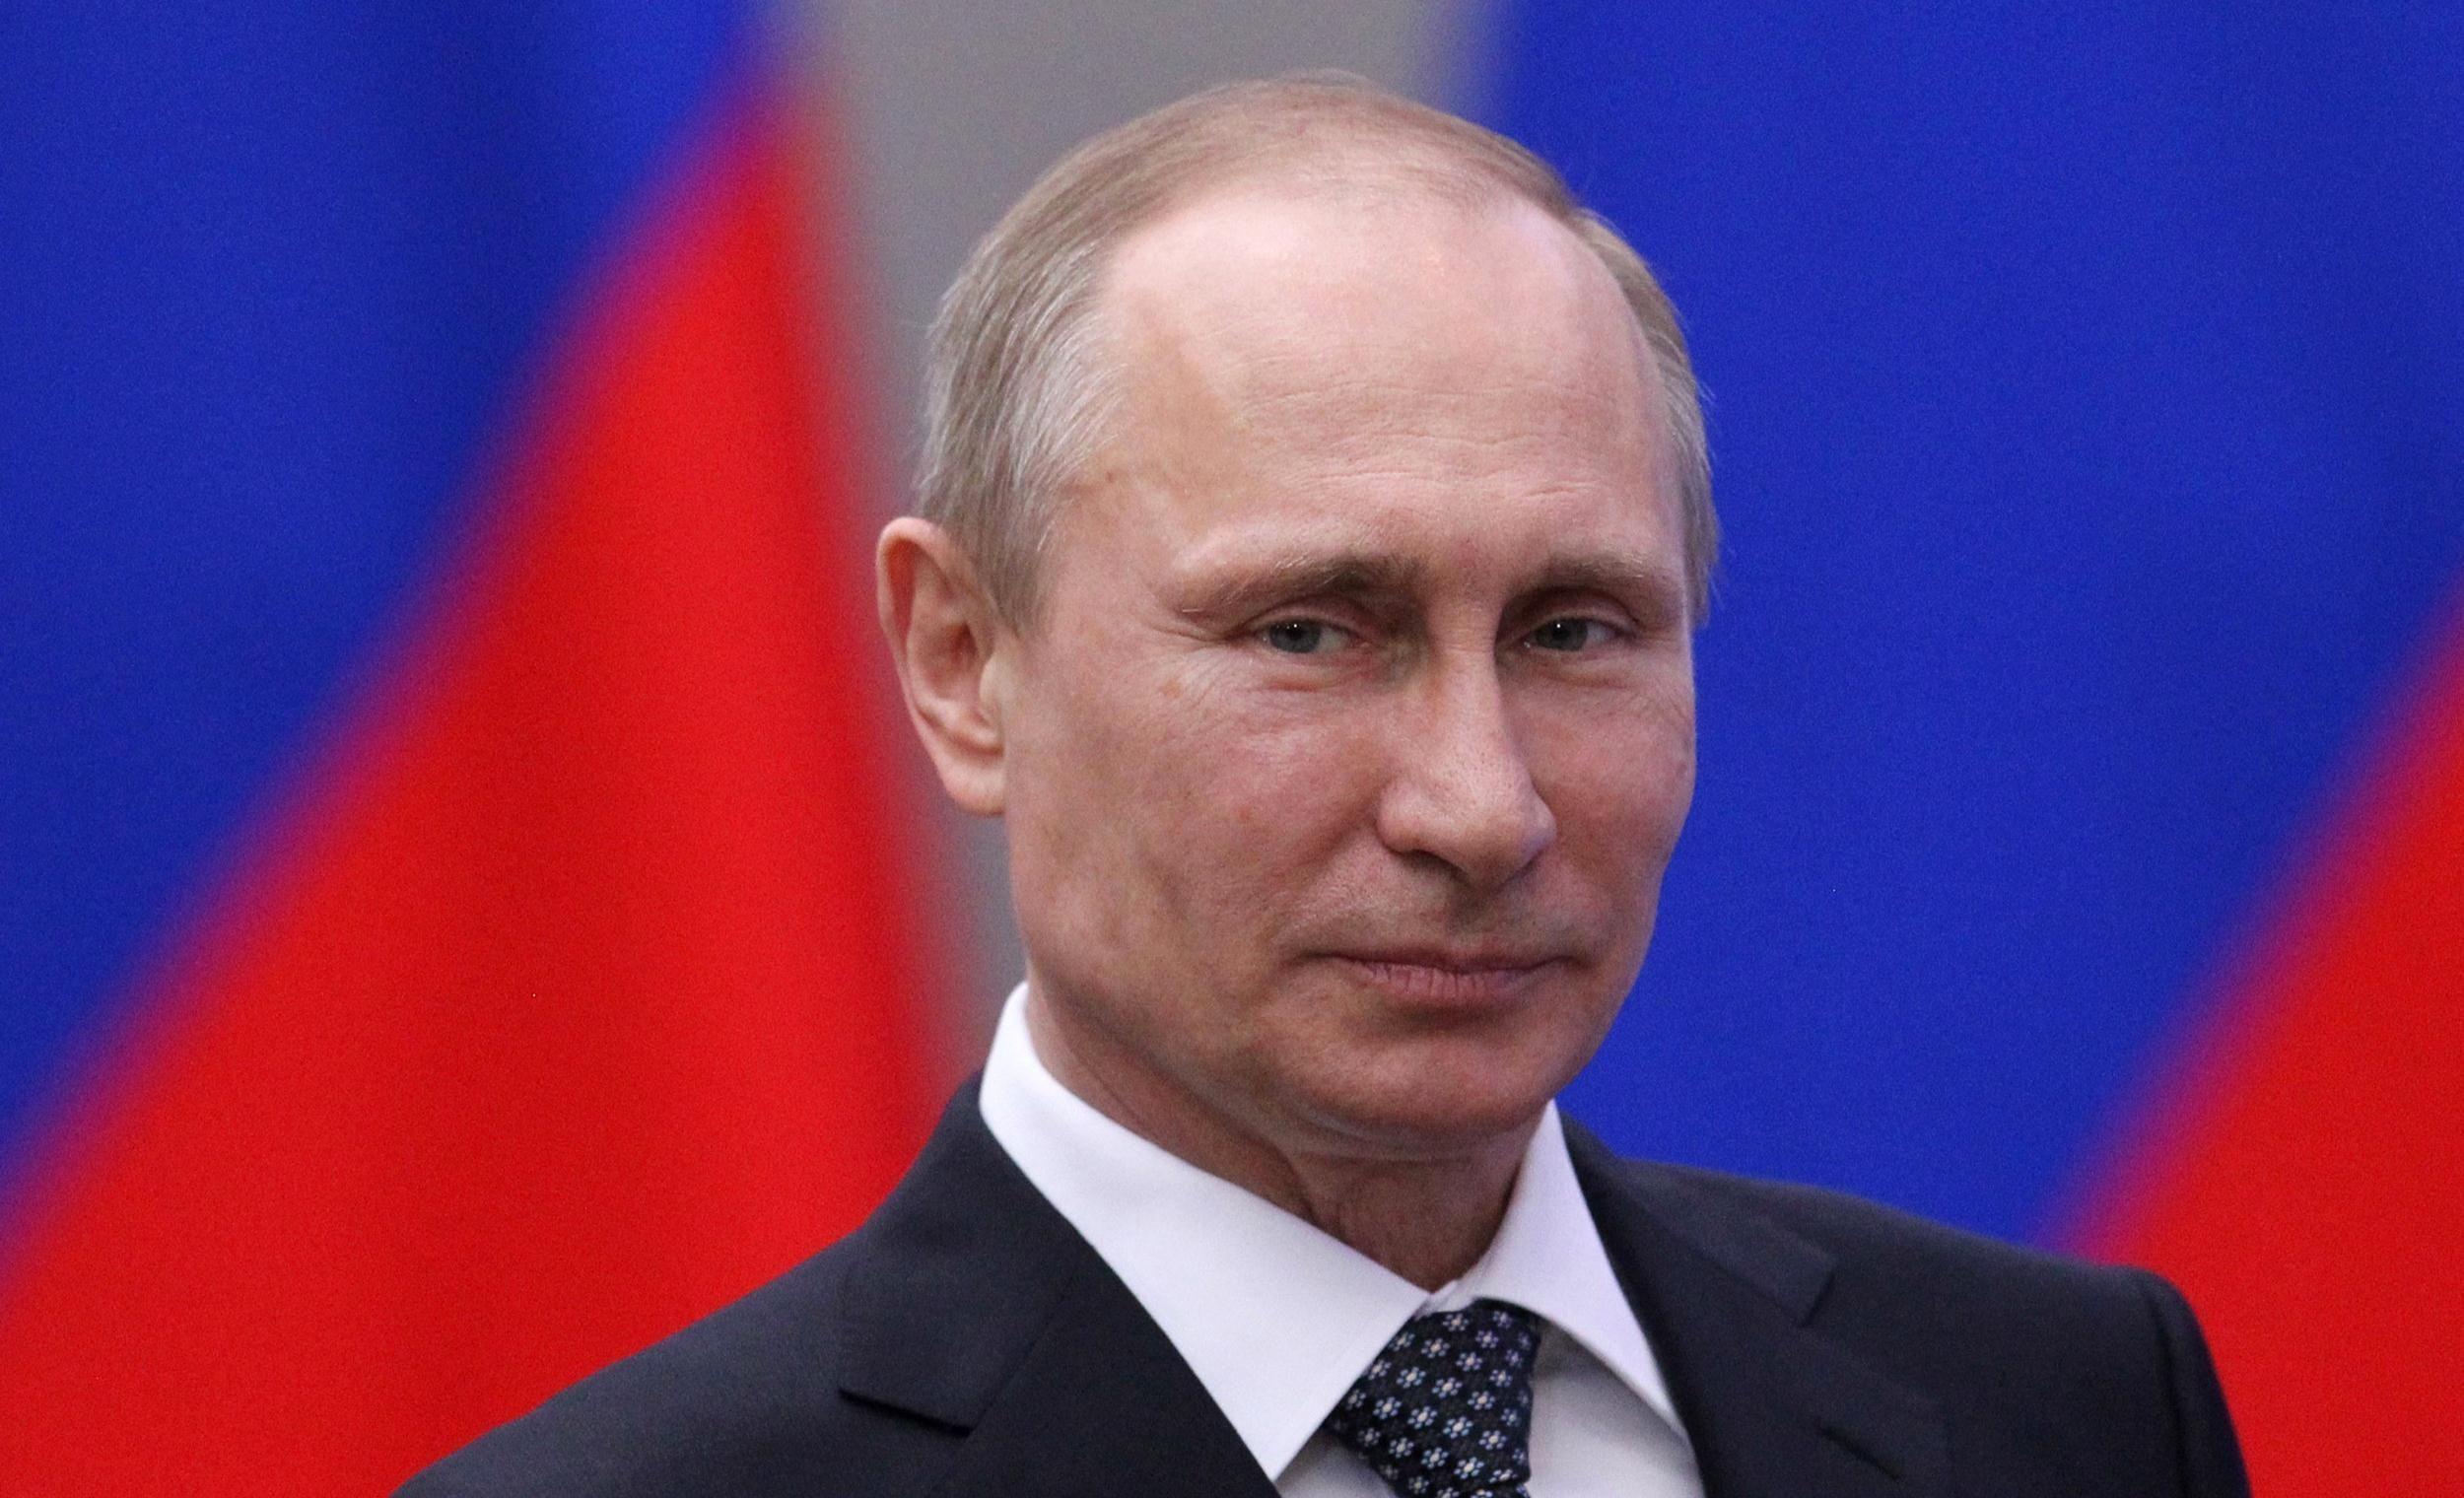 Para terminar con Europa vamos con el archiconocido Putin (con muchas opiniones variadas).